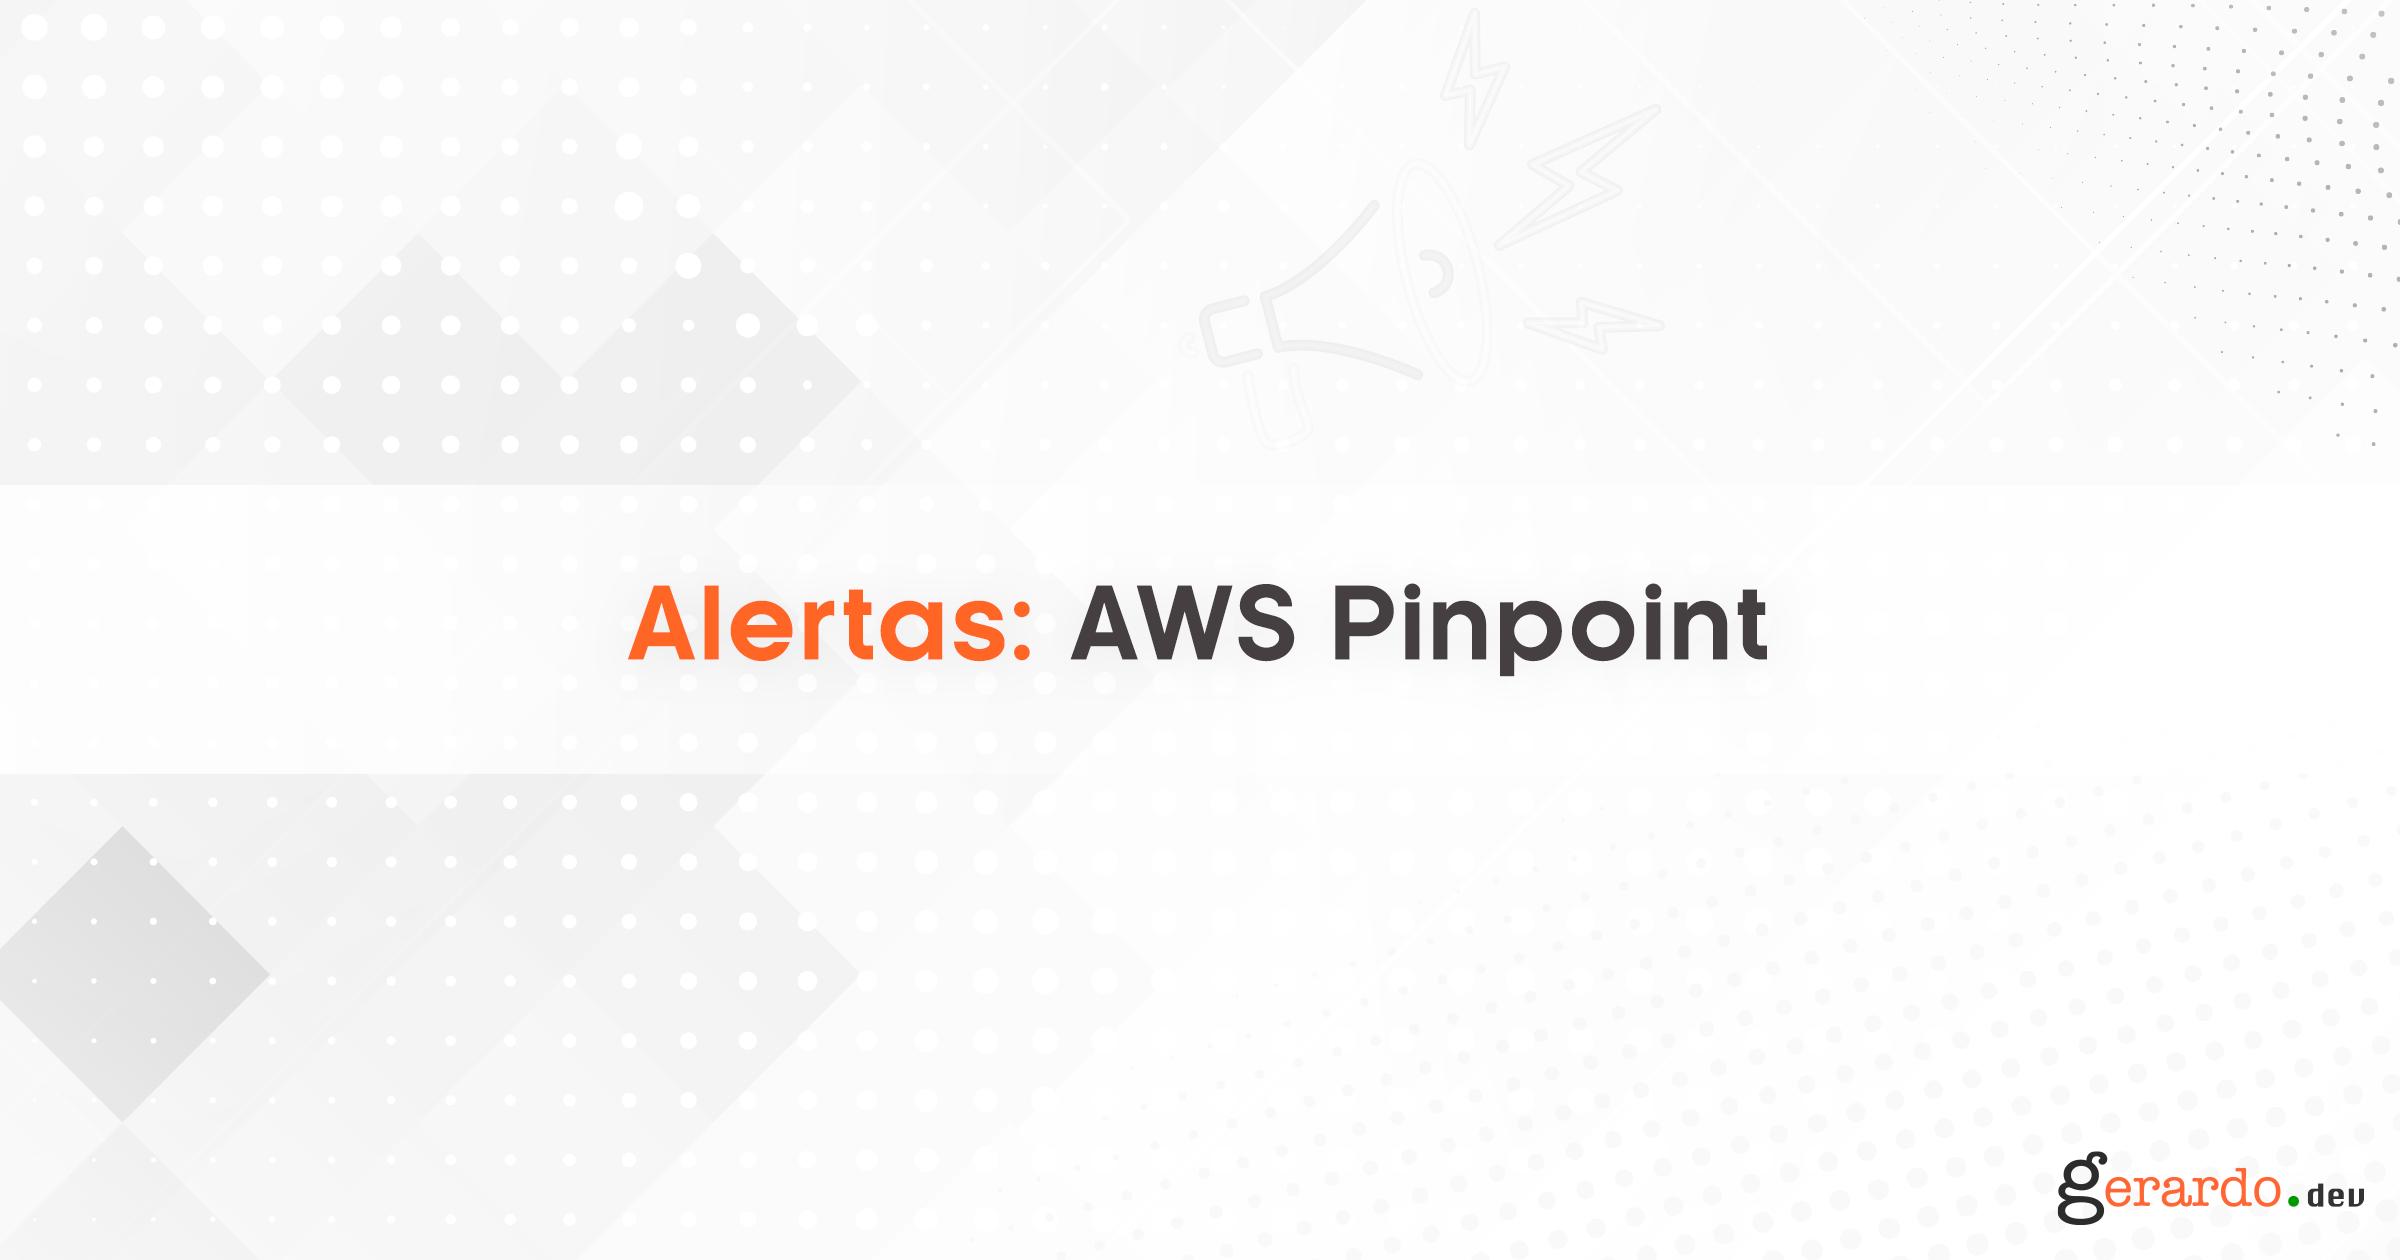 Alertas y AWS Pinpoint